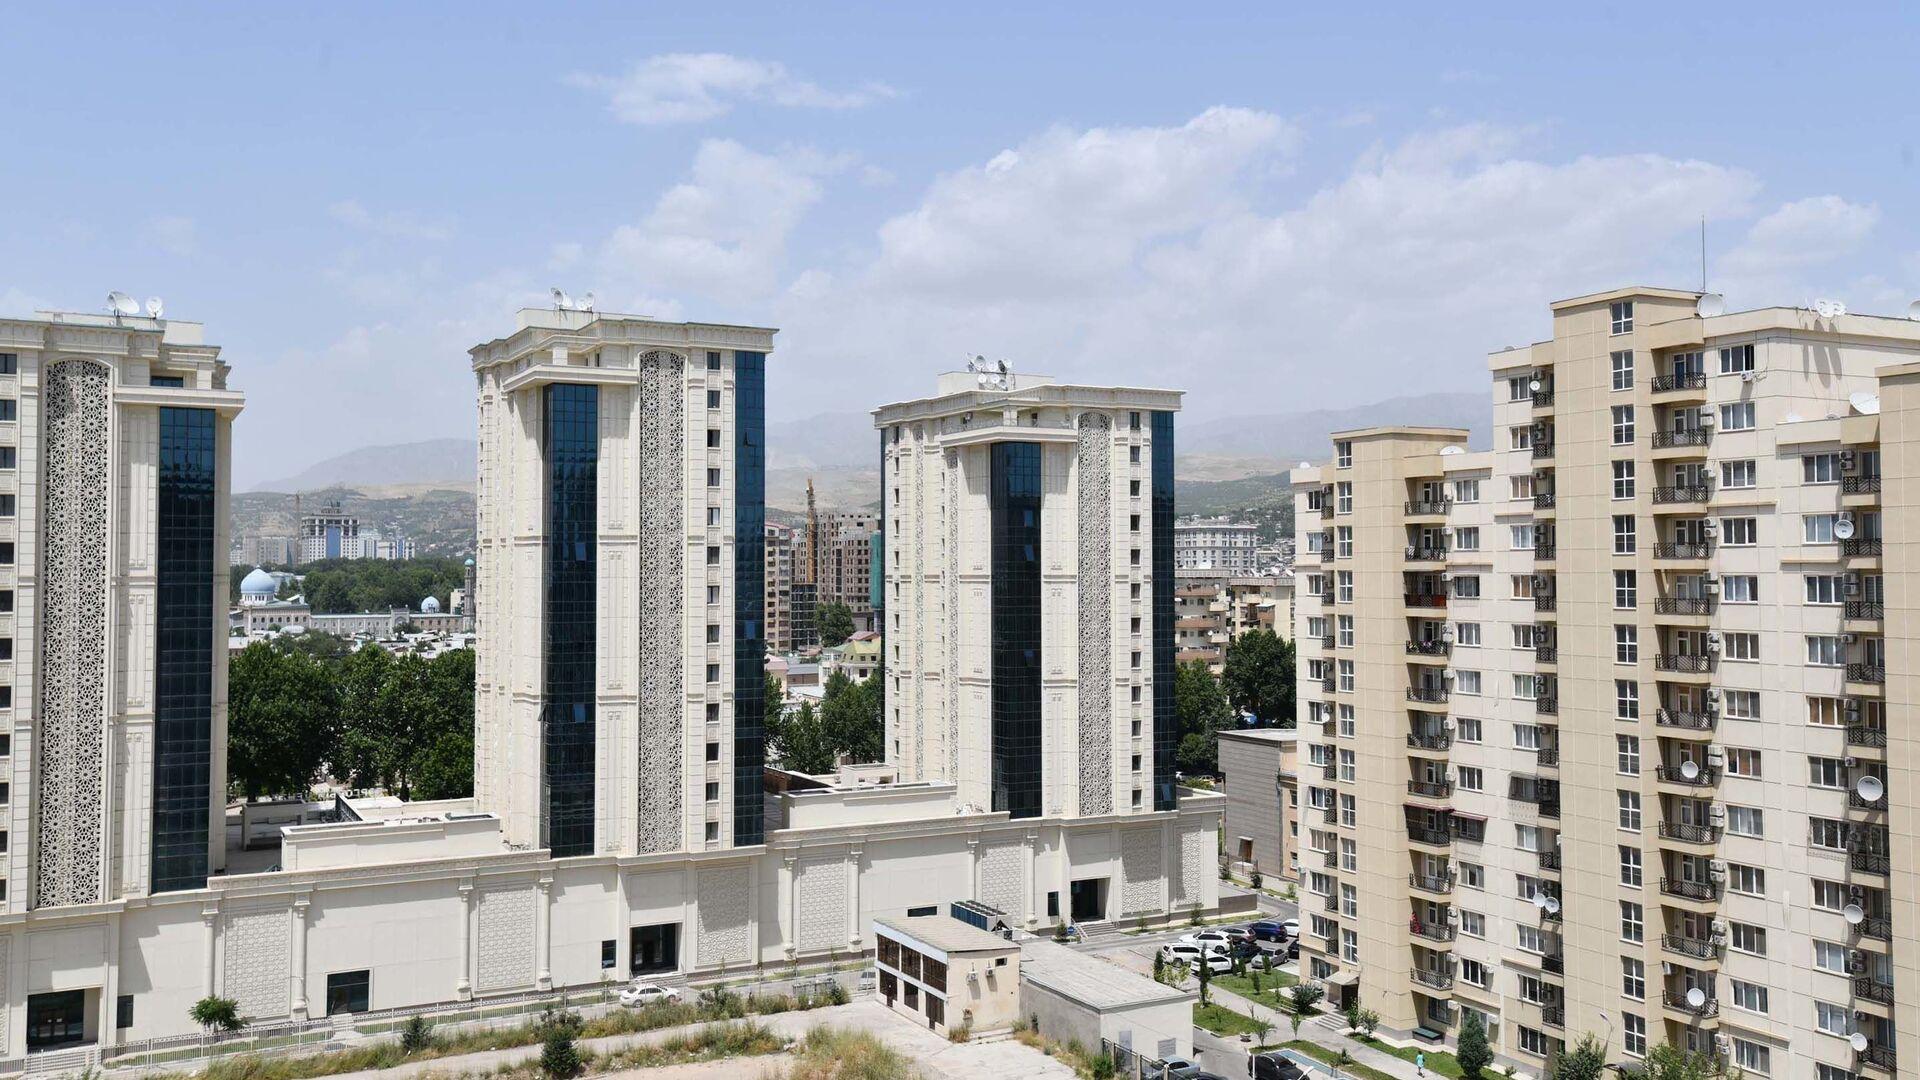 Новые жилые дома в Душанбе - Sputnik Таджикистан, 1920, 20.04.2021